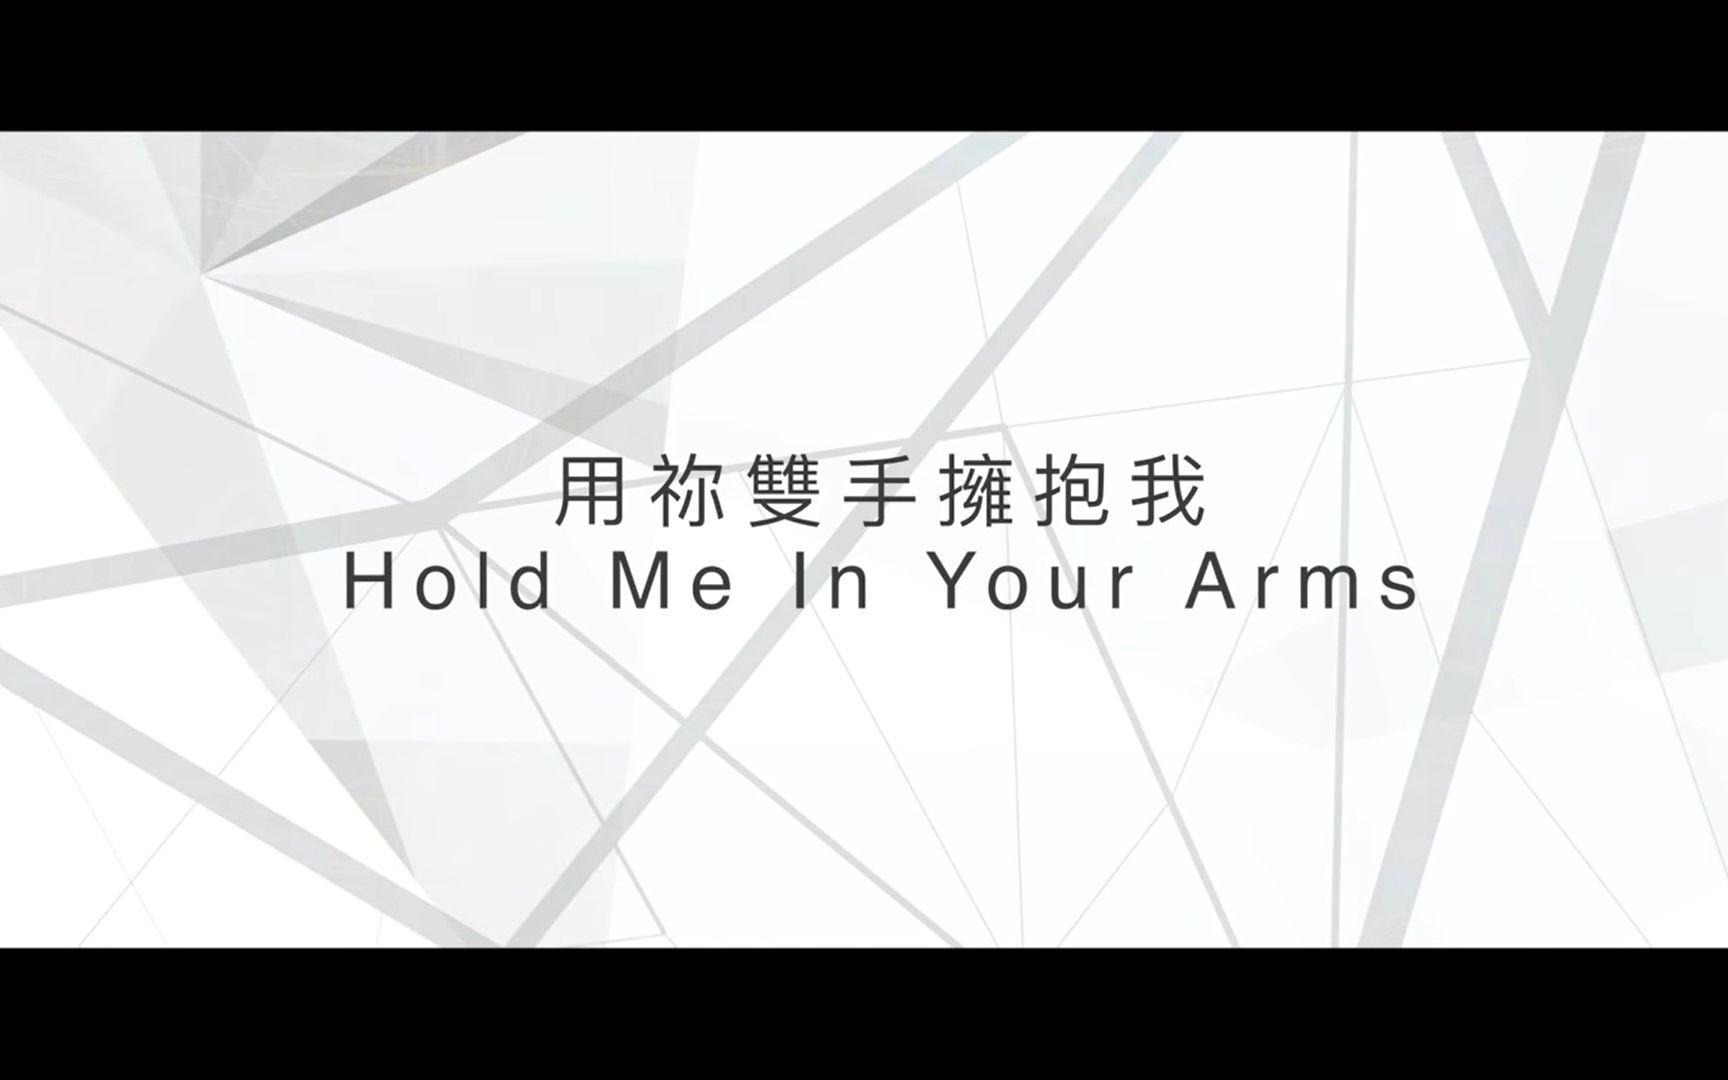 约书亚乐团翻唱精选:用你双手拥抱我 Hold Me